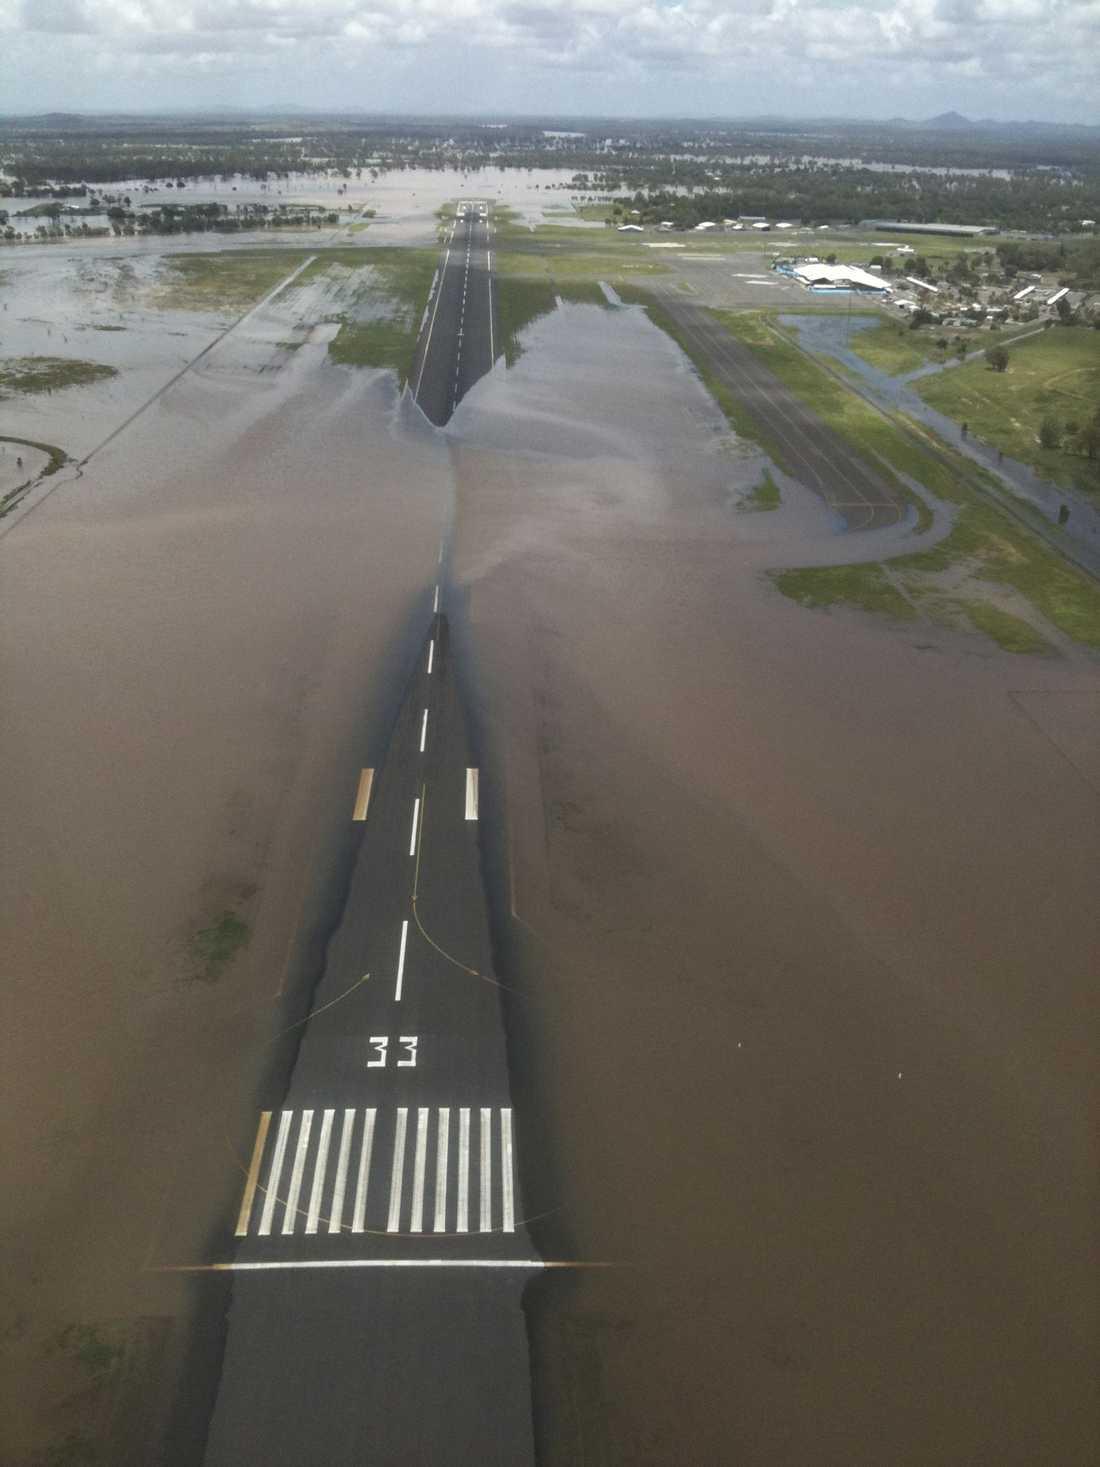 FLYGEN INSTÄLLDA Delar av start- och landningsbanan vid Rockhamptons flygplats ligger under vatten och omöjliggör någon som helst flygtrafik.